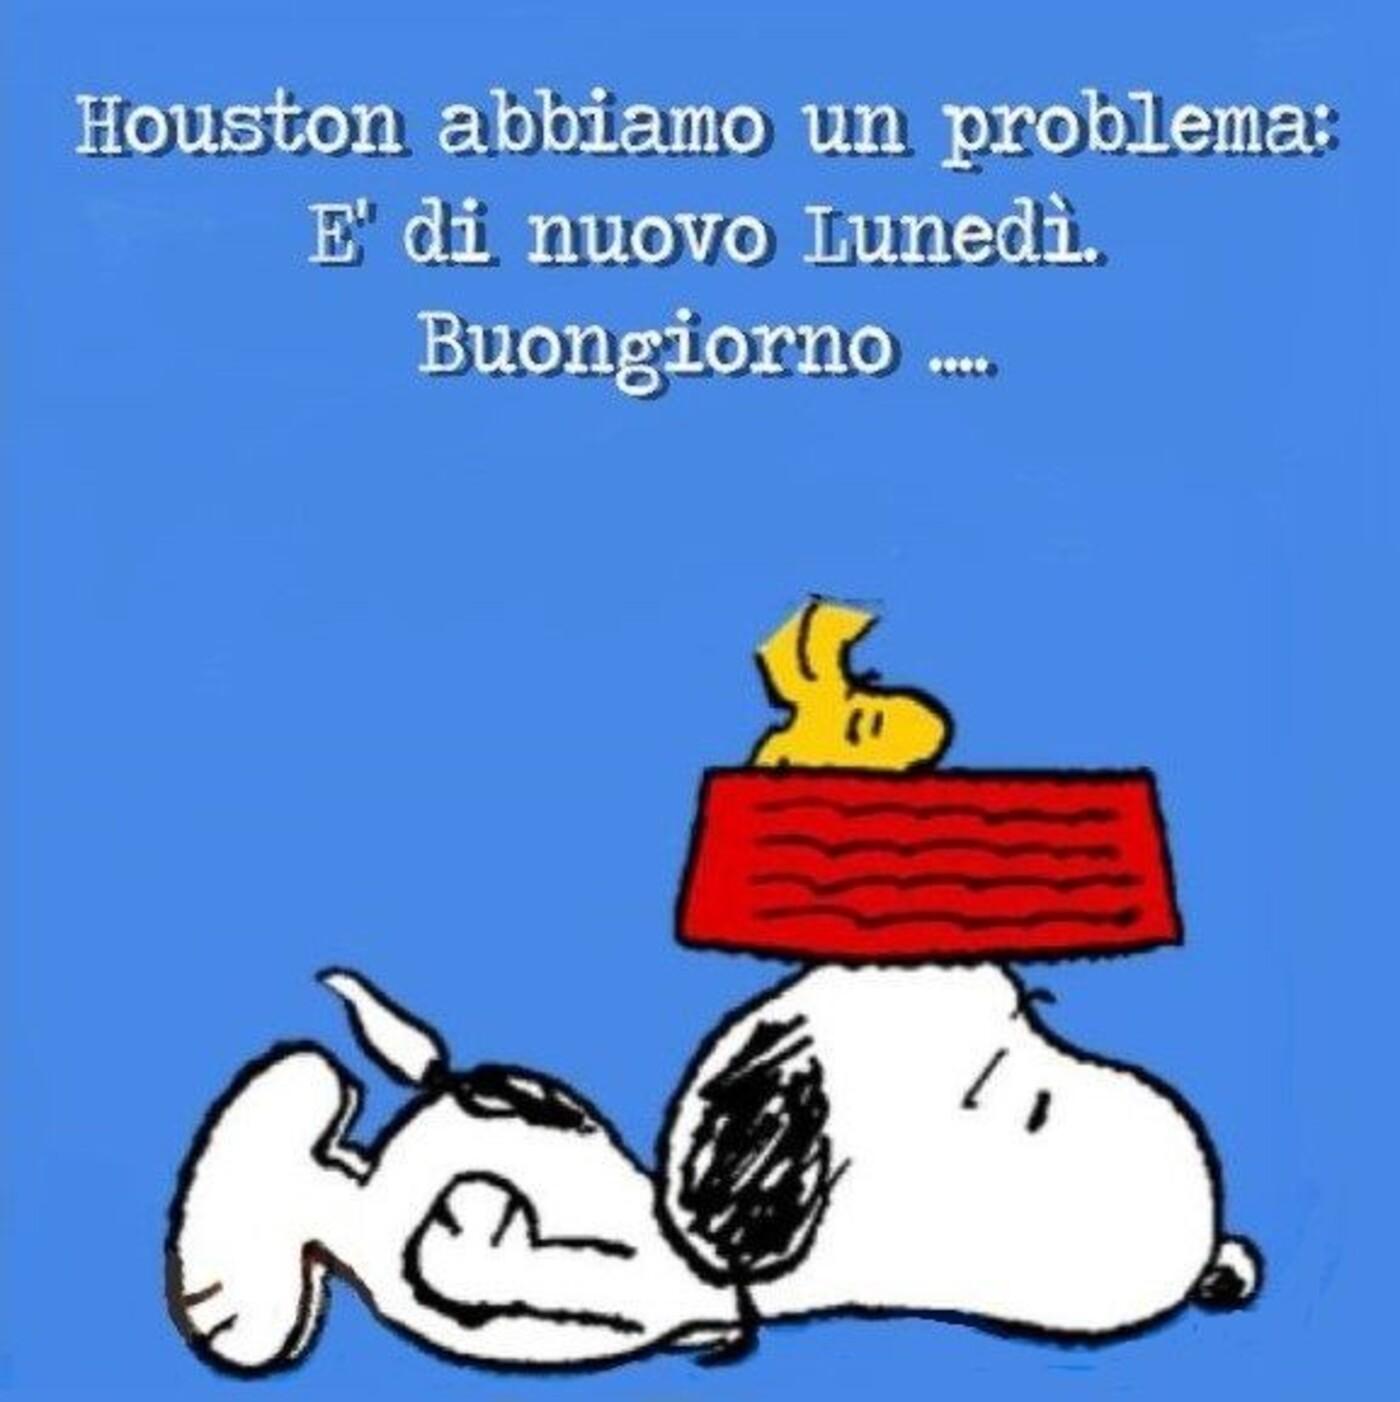 Houston abbiamo un problema... è di nuovo Lunedì... Buongiorno...